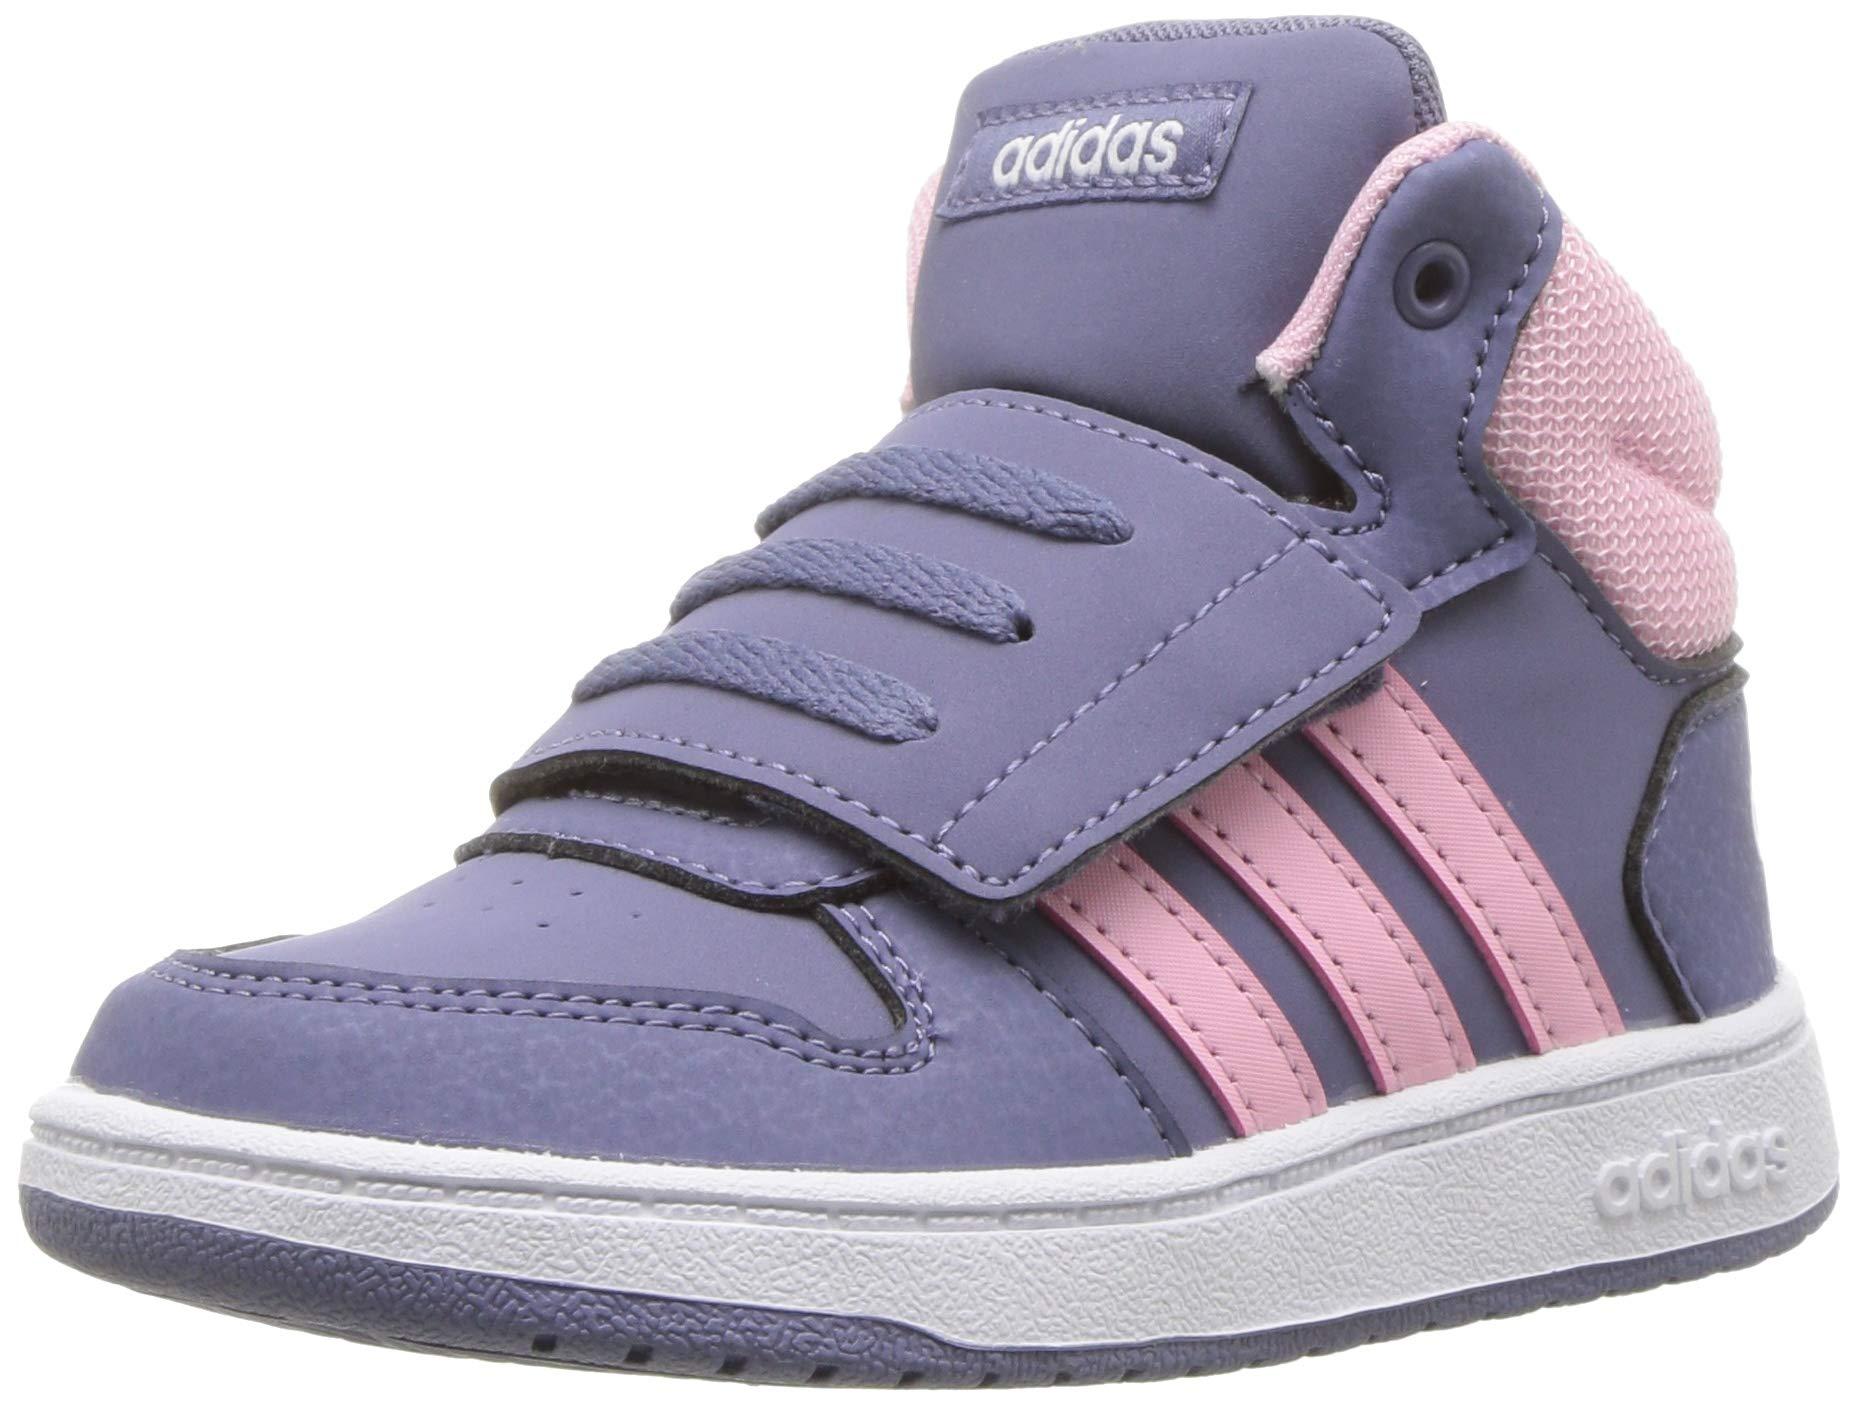 adidas Baby Hoops 2.0, raw Indigo/True Pink/White 7K M US Toddler